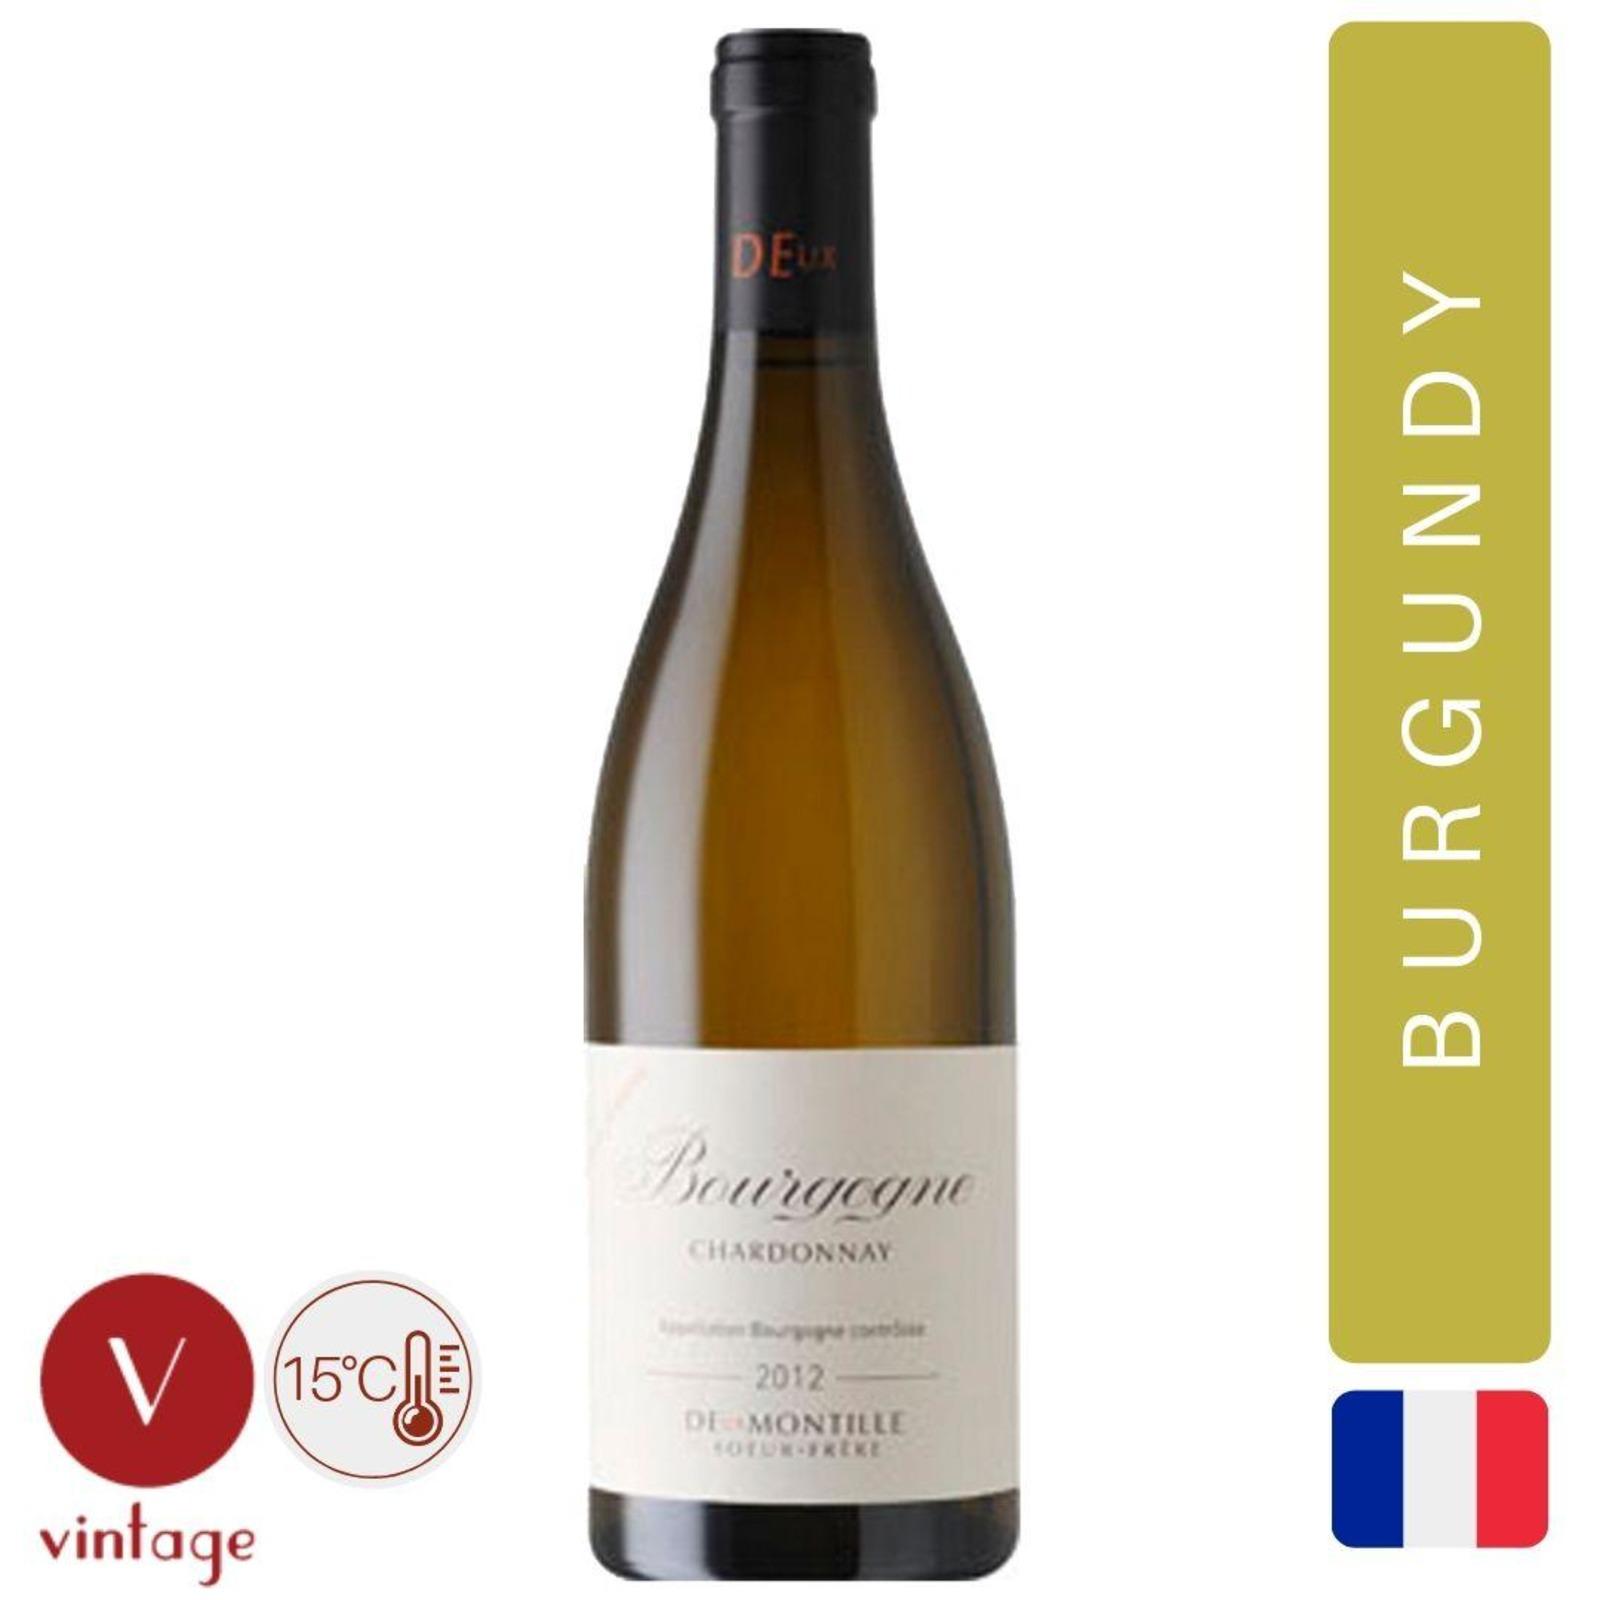 Maison de Montille - Burgundy Chardonnay